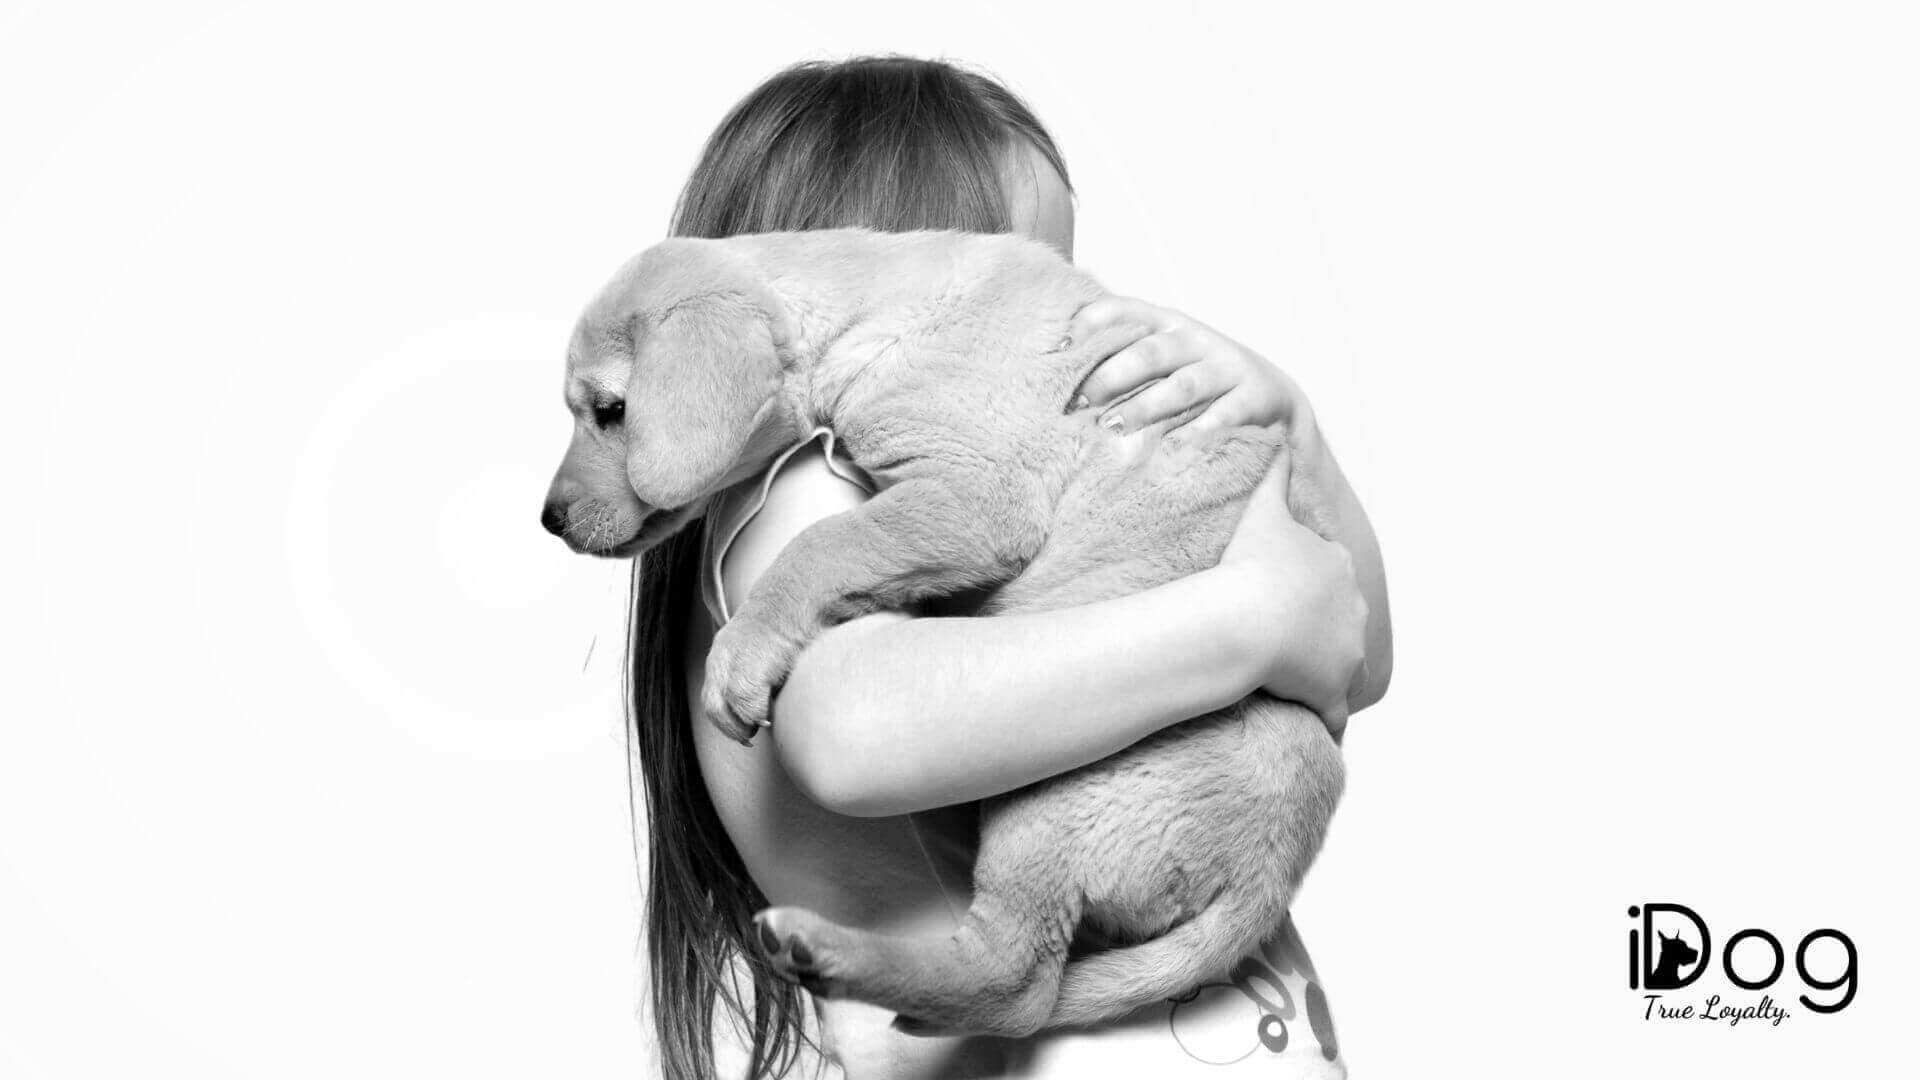 idog.ro - site web cu informatii si poze cu caini